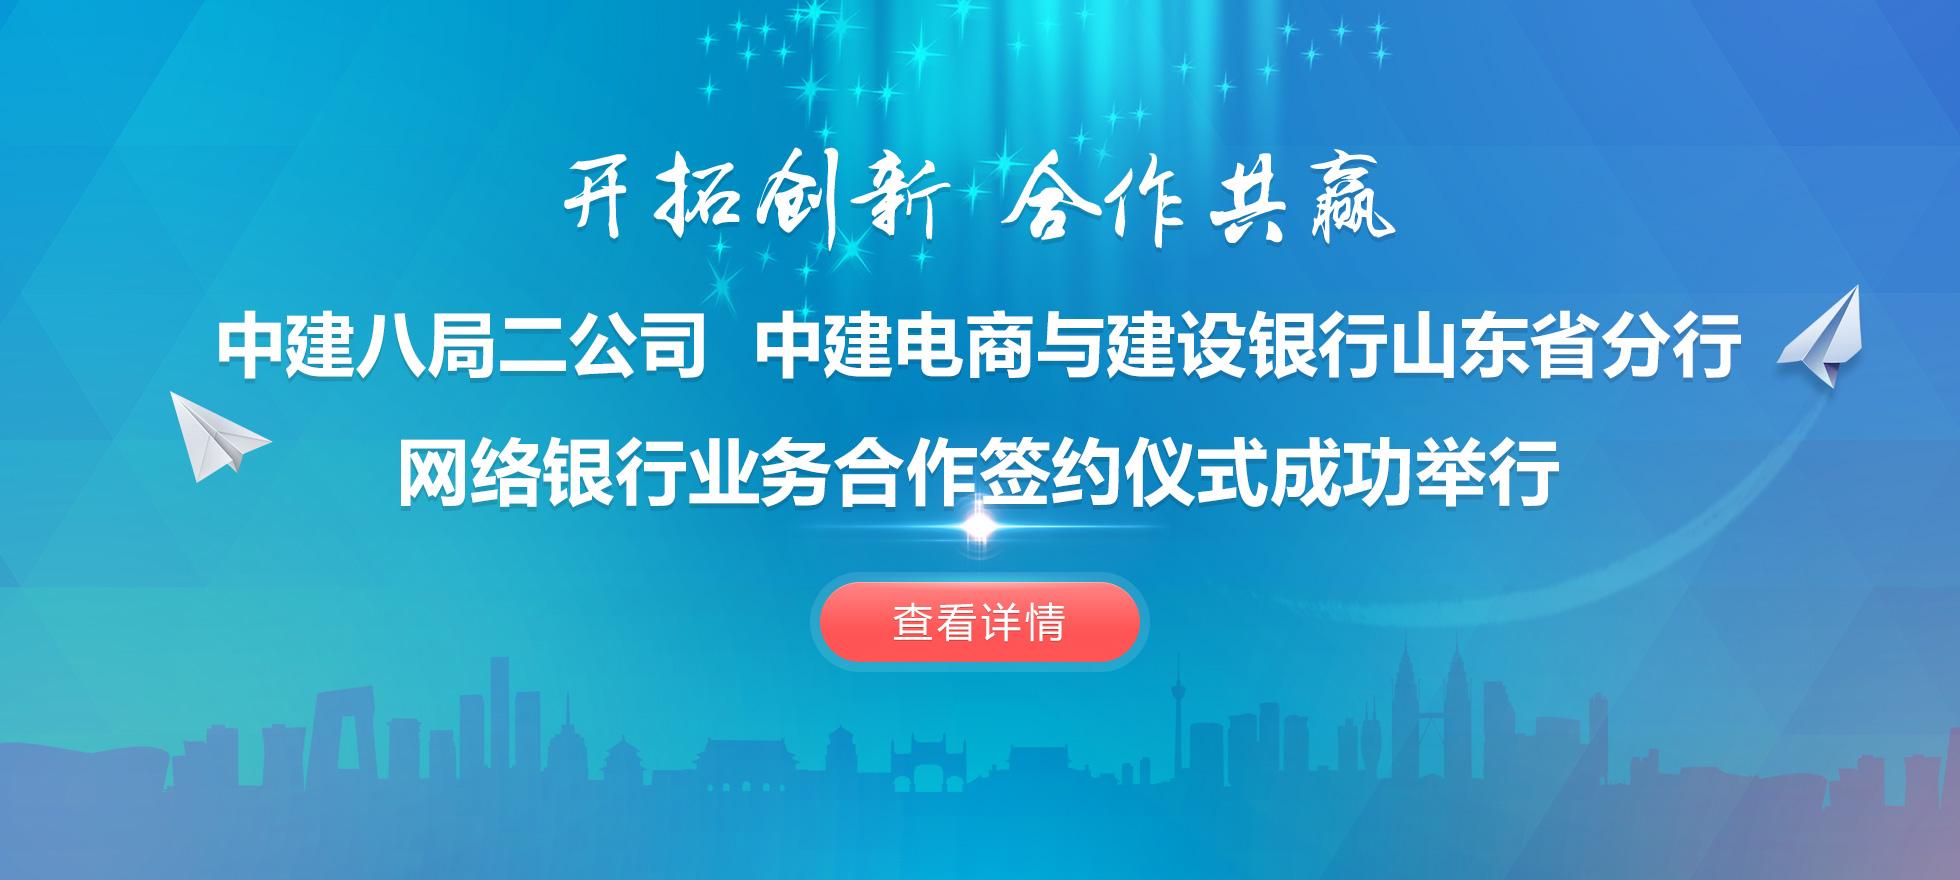 中建八局二公司、中建电商与建设银行山东省分行 网络银行业务合作签约仪式成功举行